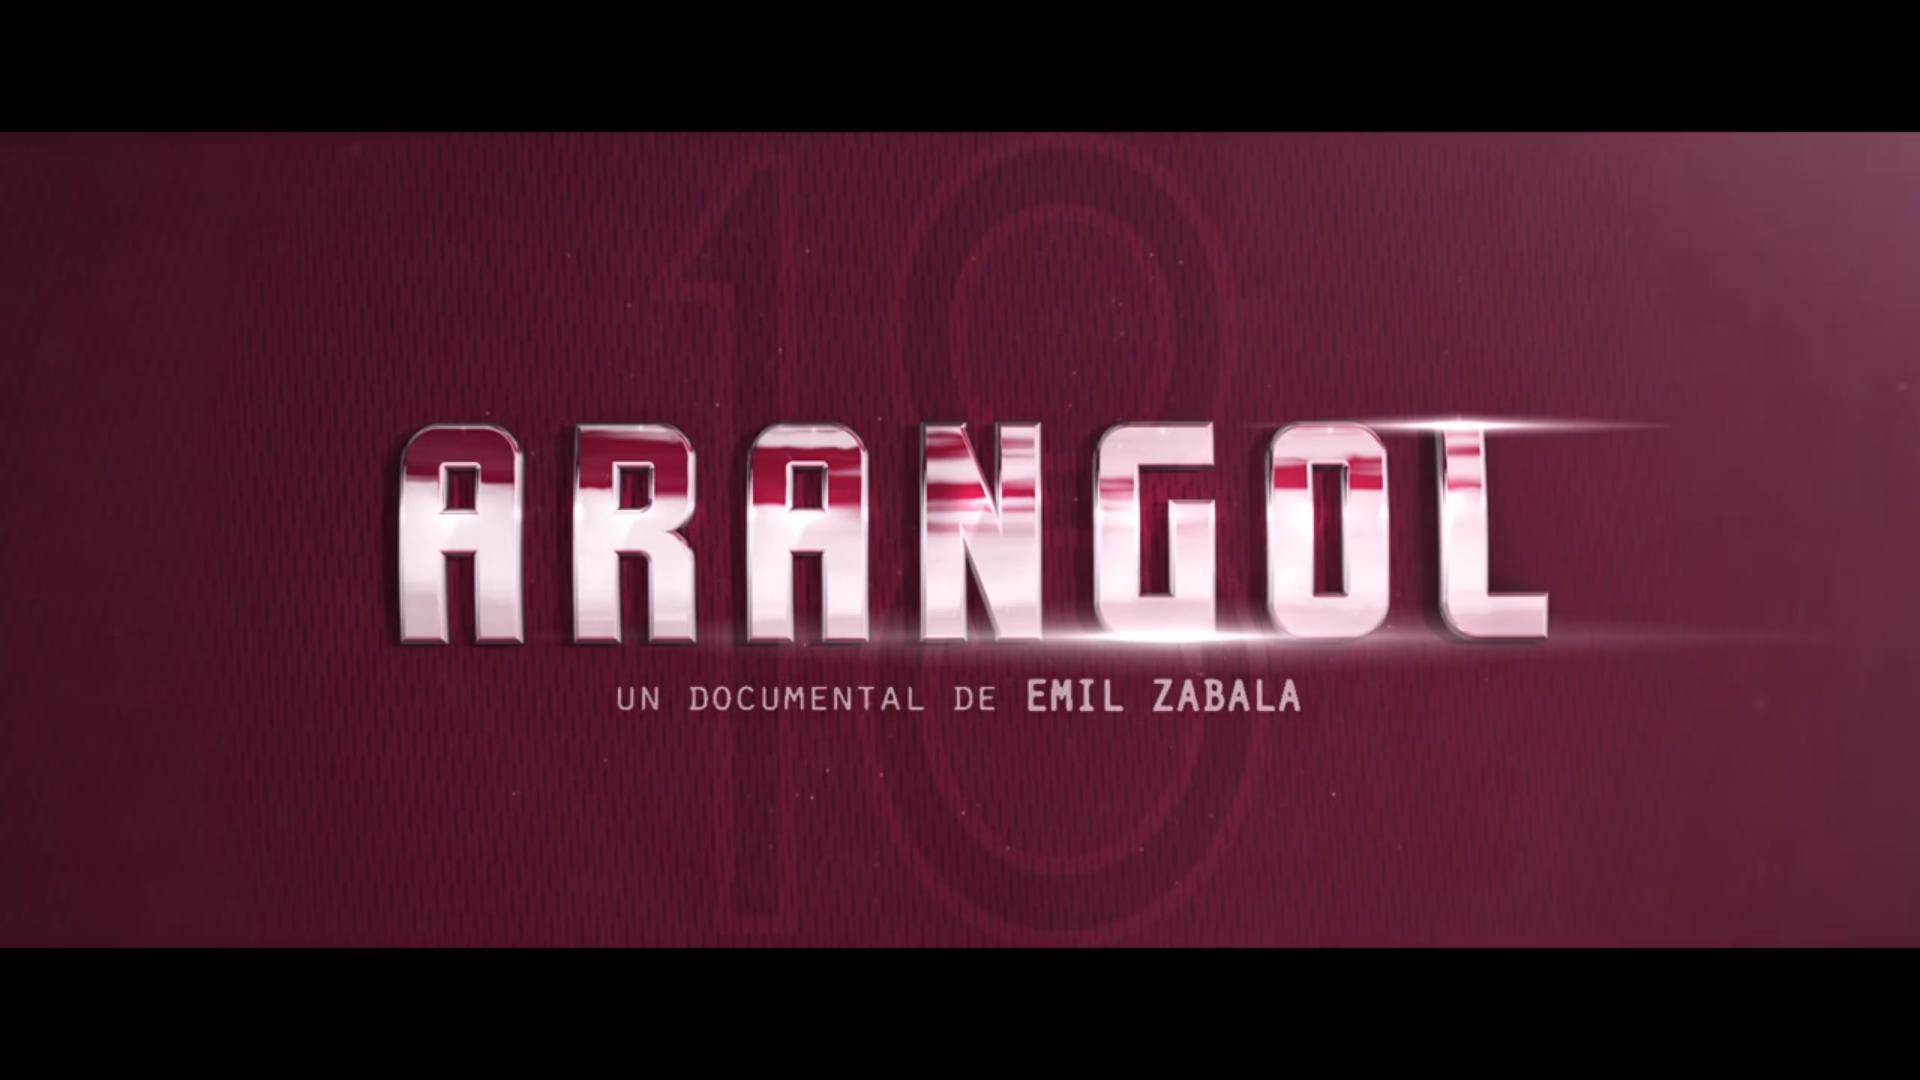 ARANGOL